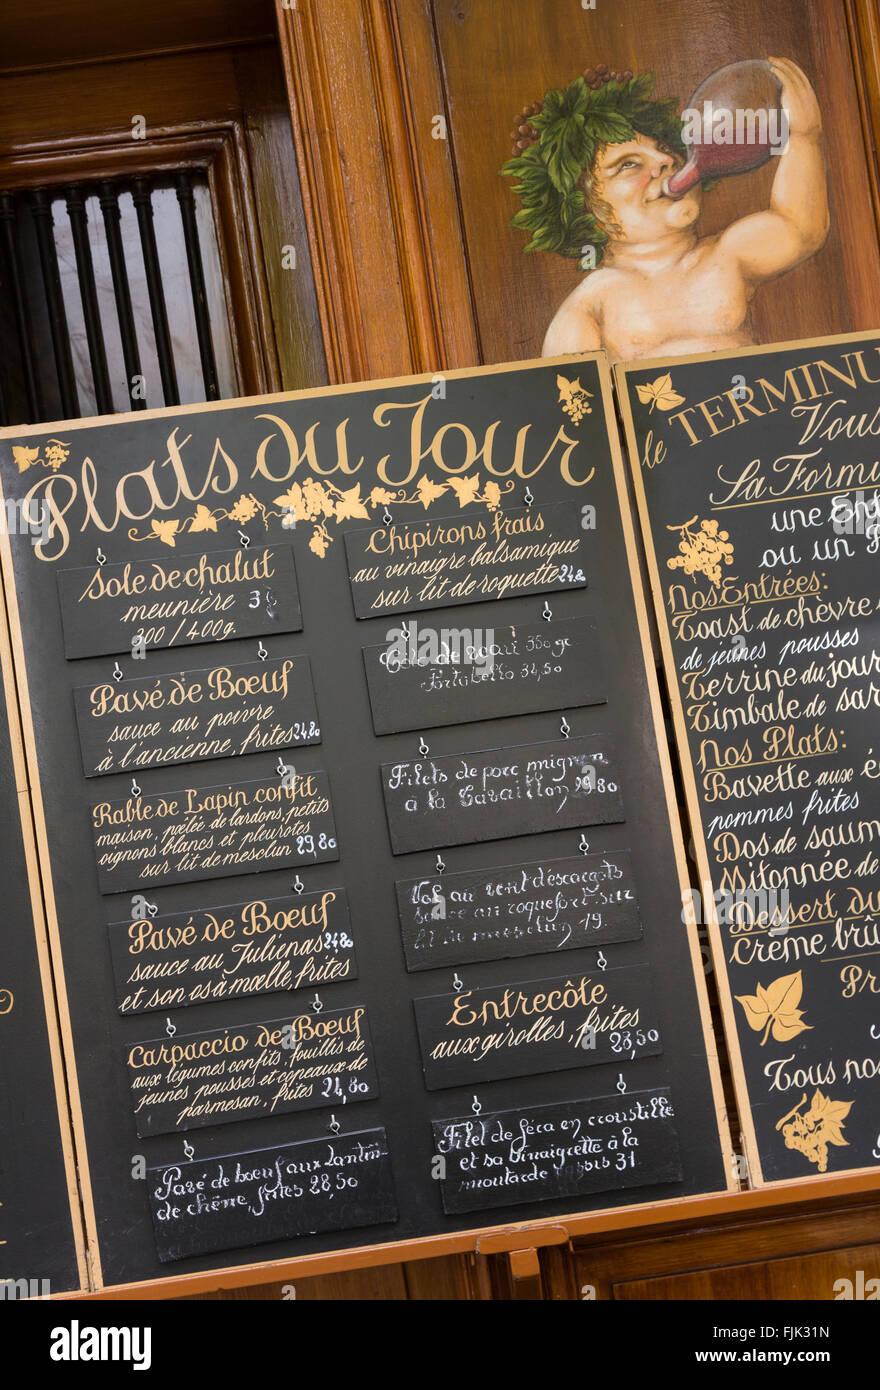 Restaurant Menu Paris France Dining Establishment Lists